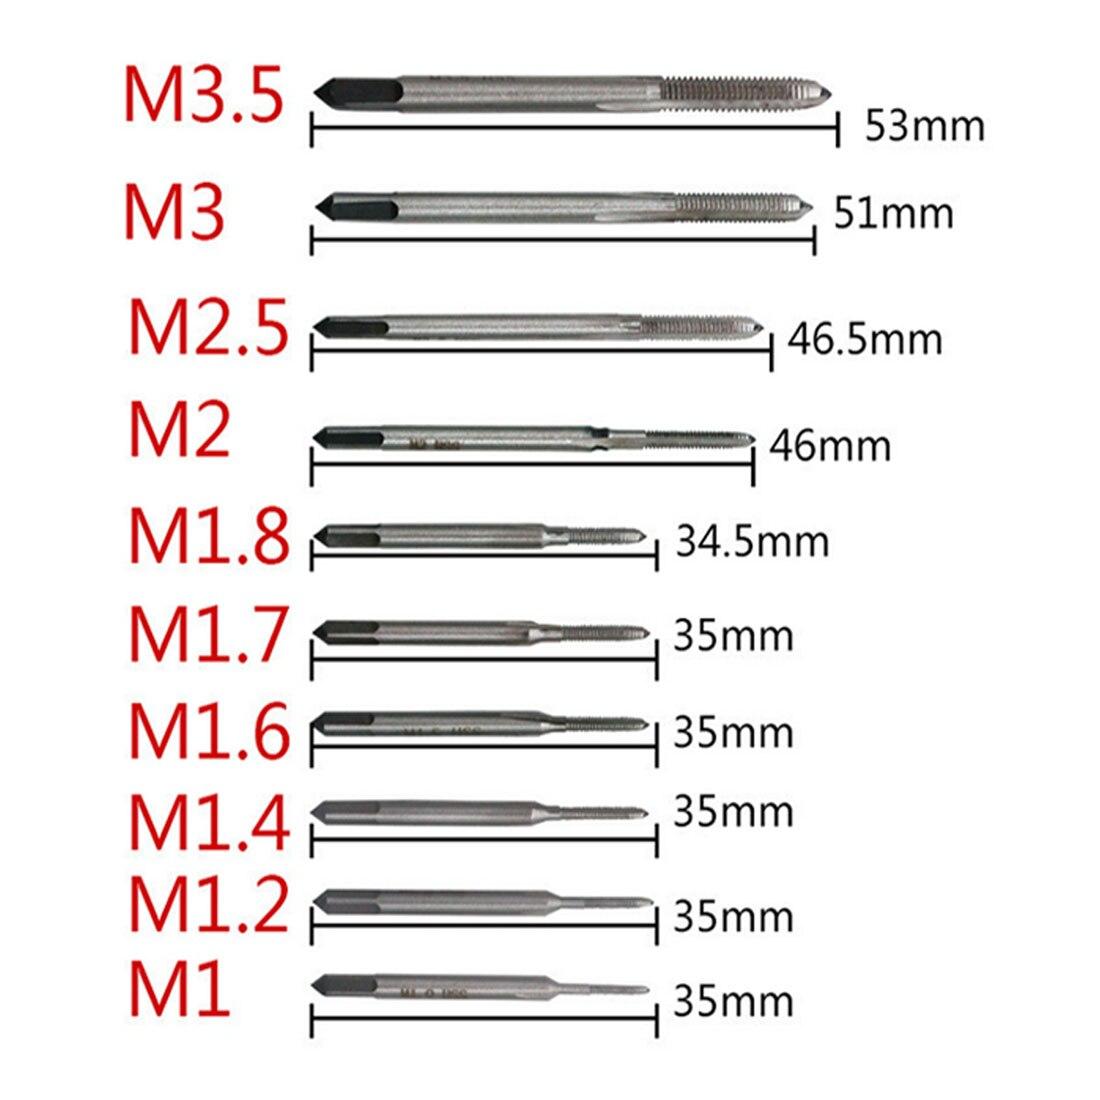 Handwerkzeuge Hot 10 Teile/satz Hand Tippen Gewinde Draht Tippen/threading/wasserhähne/angriff M1 M1.2 M1.4 M1.6 M1.7 M1.8 M2 M 2,5 Mt 3 M3.5 Hand Werkzeuge 2019 Offiziell